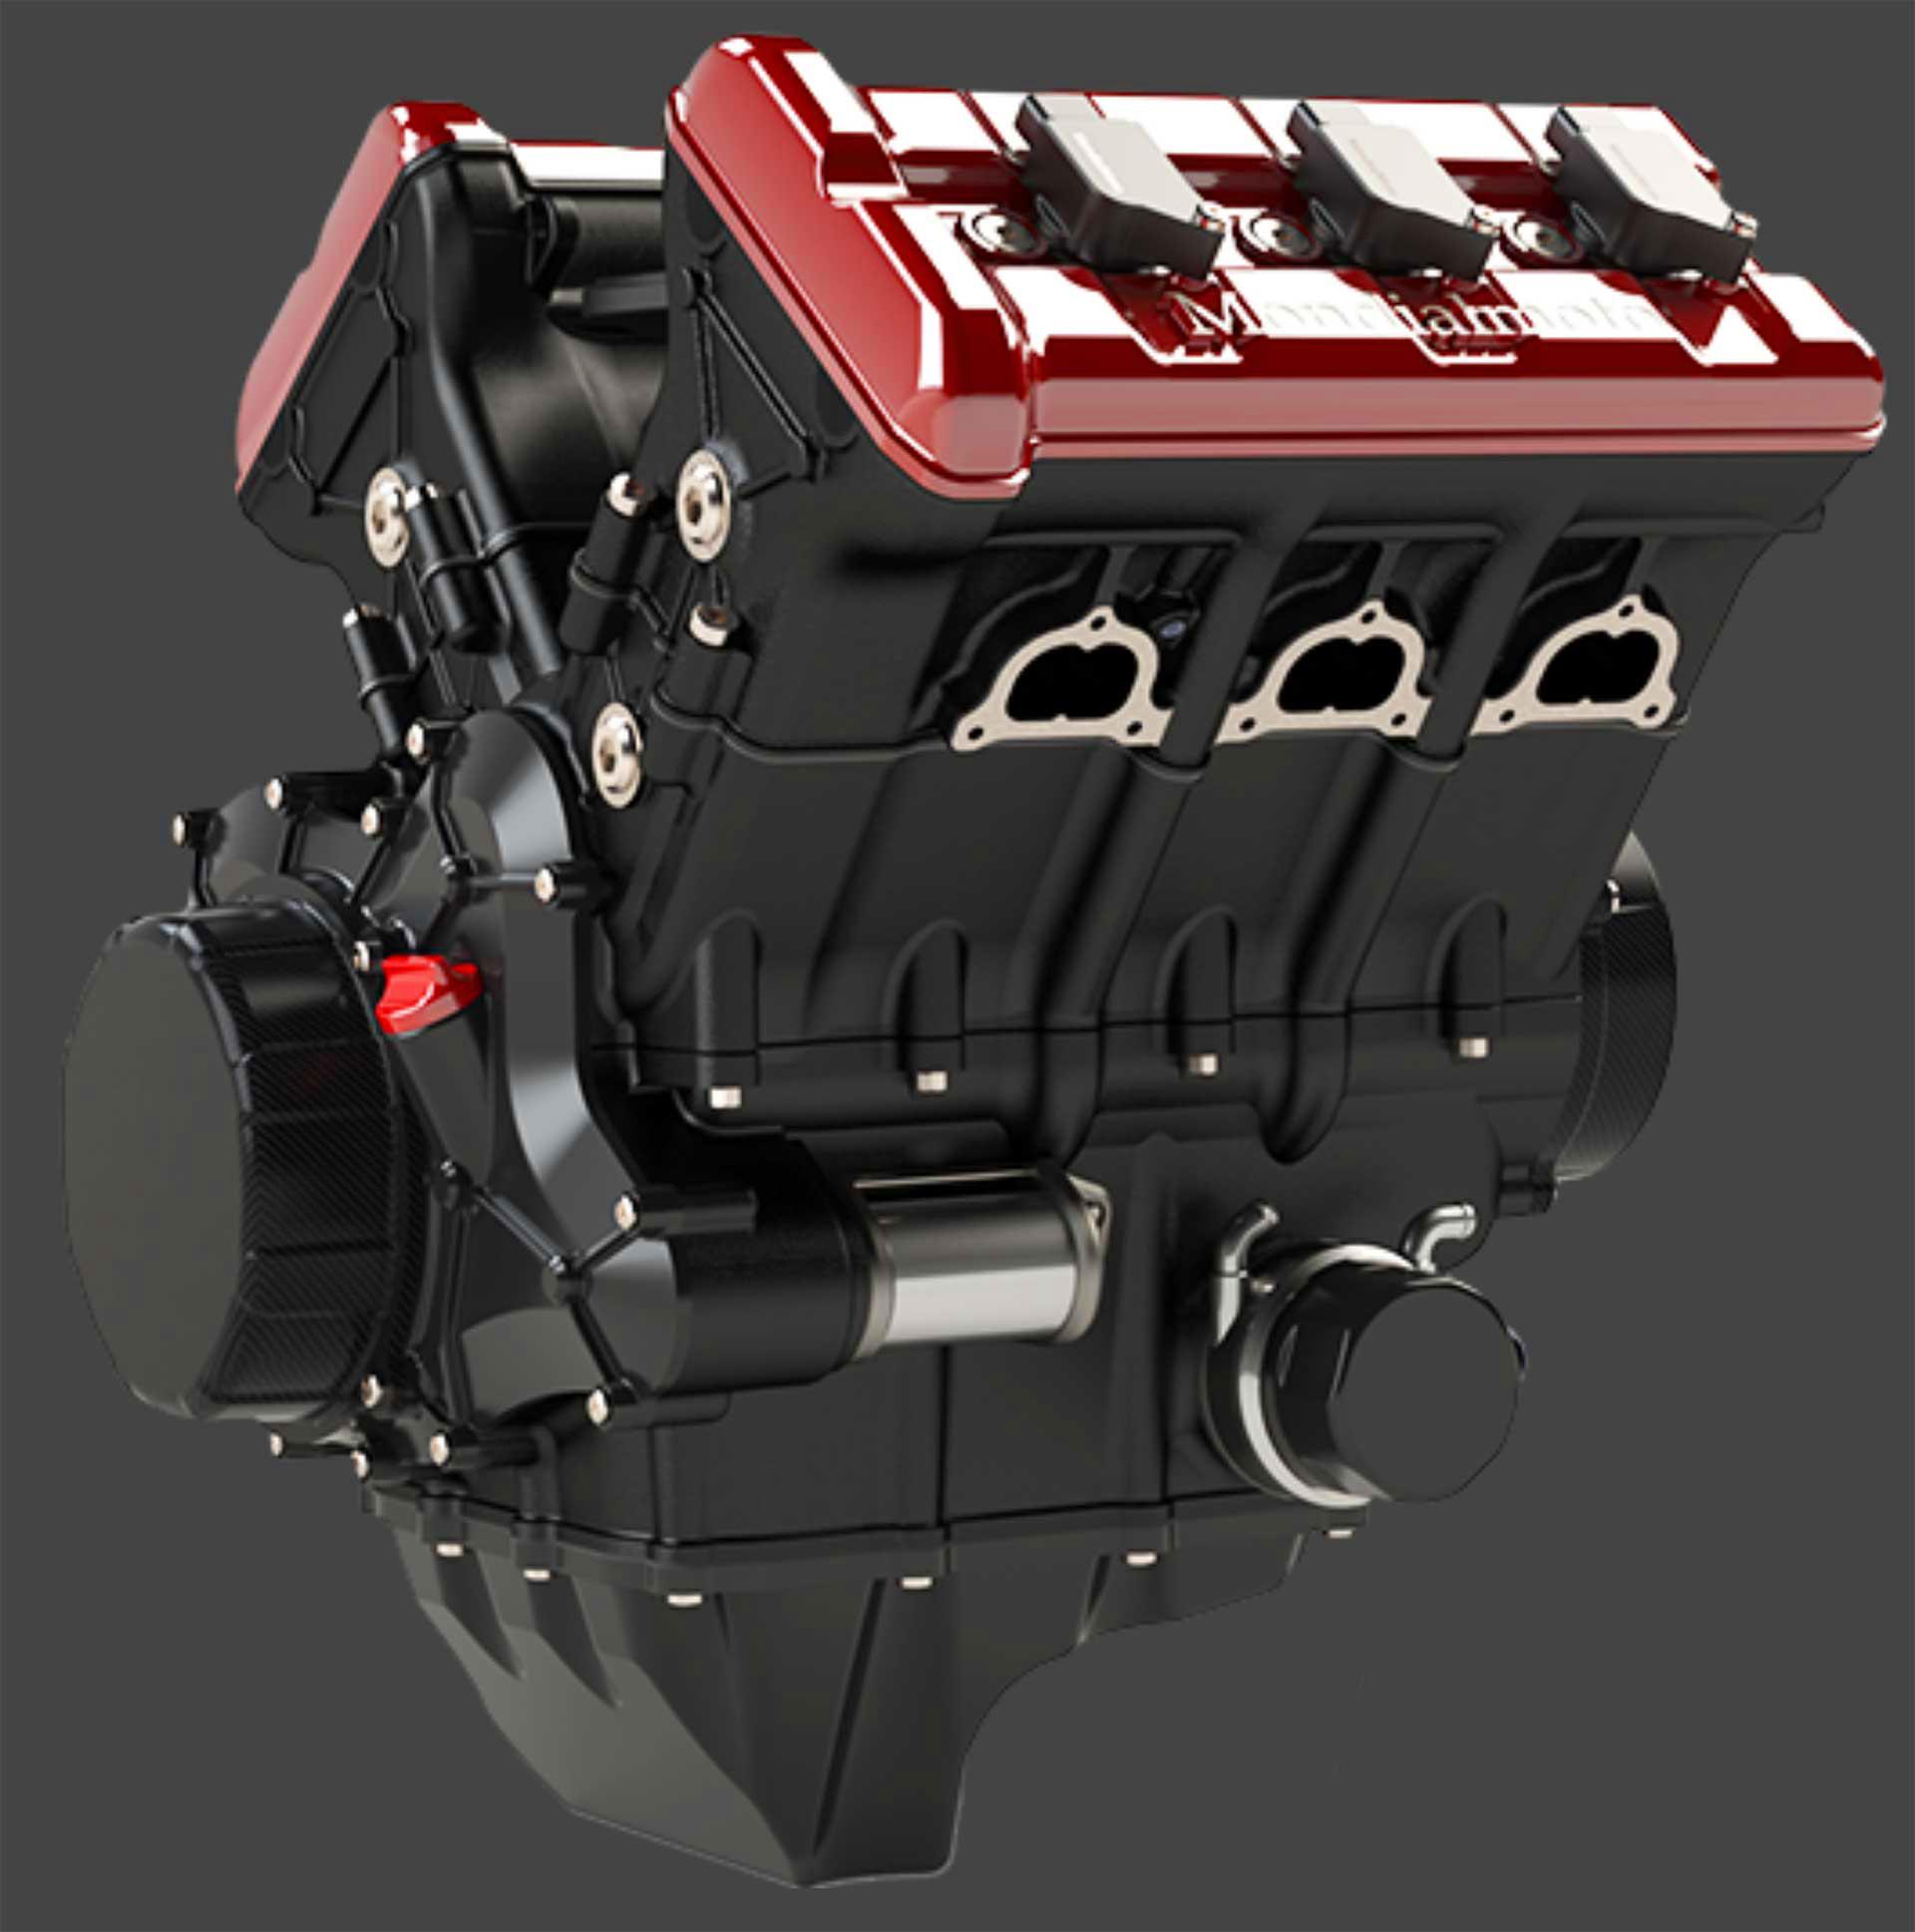 [Imagem: mondialmoto-v5-superbike-engine.jpg]